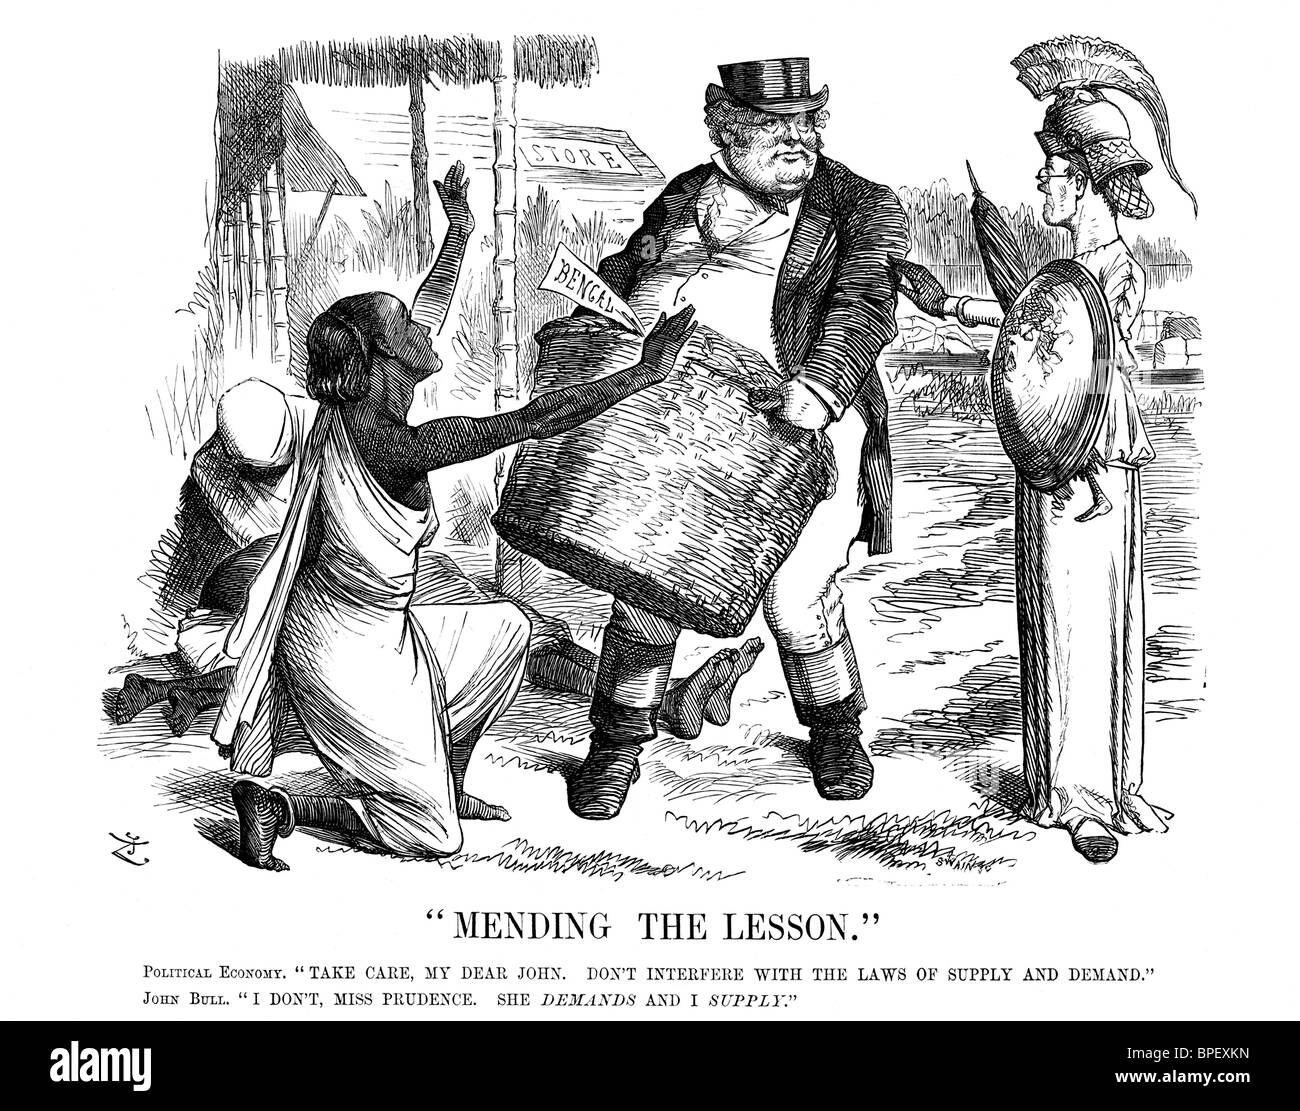 Punch, una revista semanal británico con humor y sátira, incluido esta caricatura política en 20 Imagen De Stock